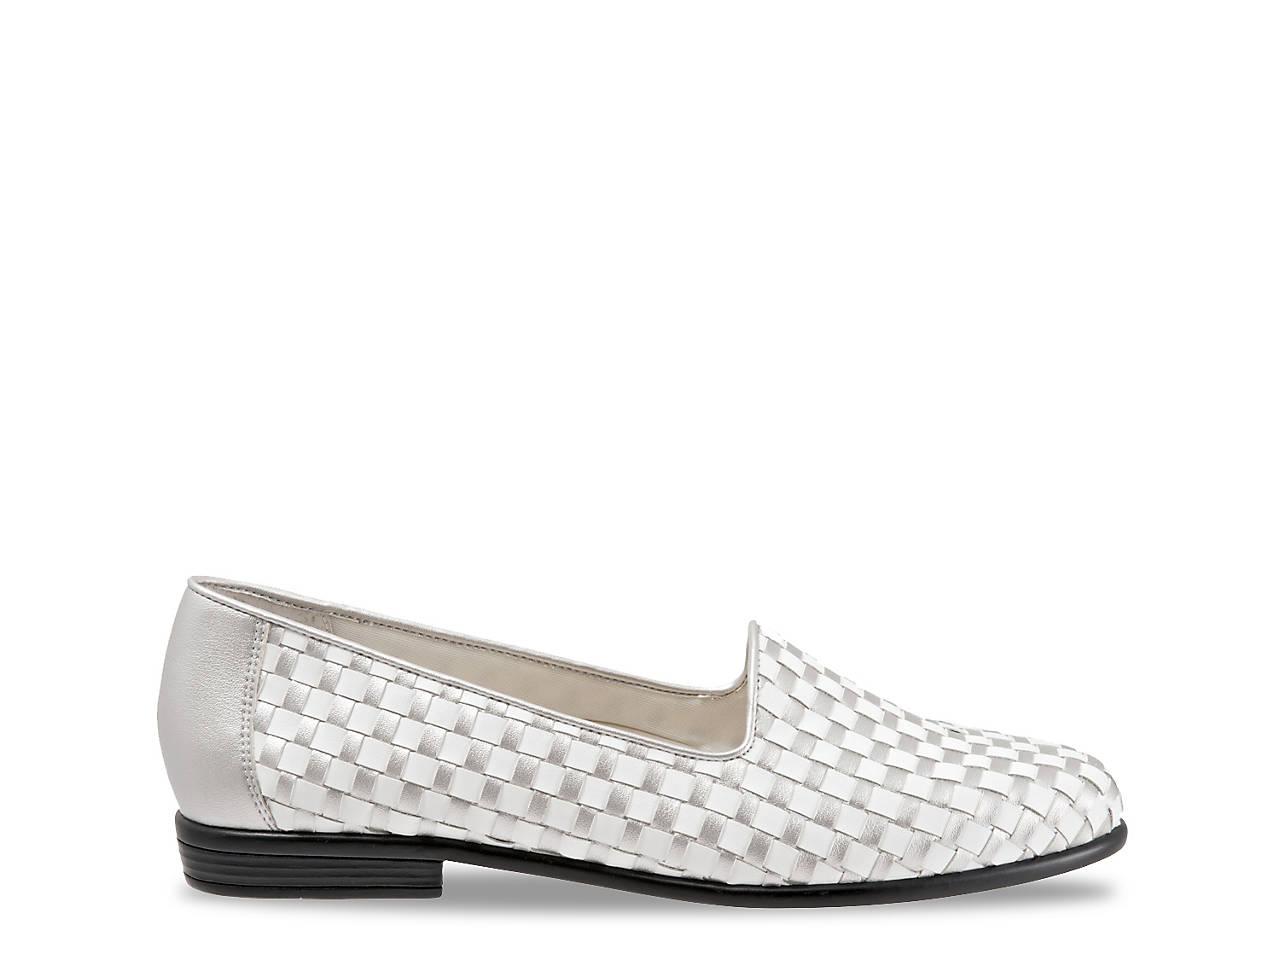 d105cea89b9 Trotters Liz Loafer Women s Shoes